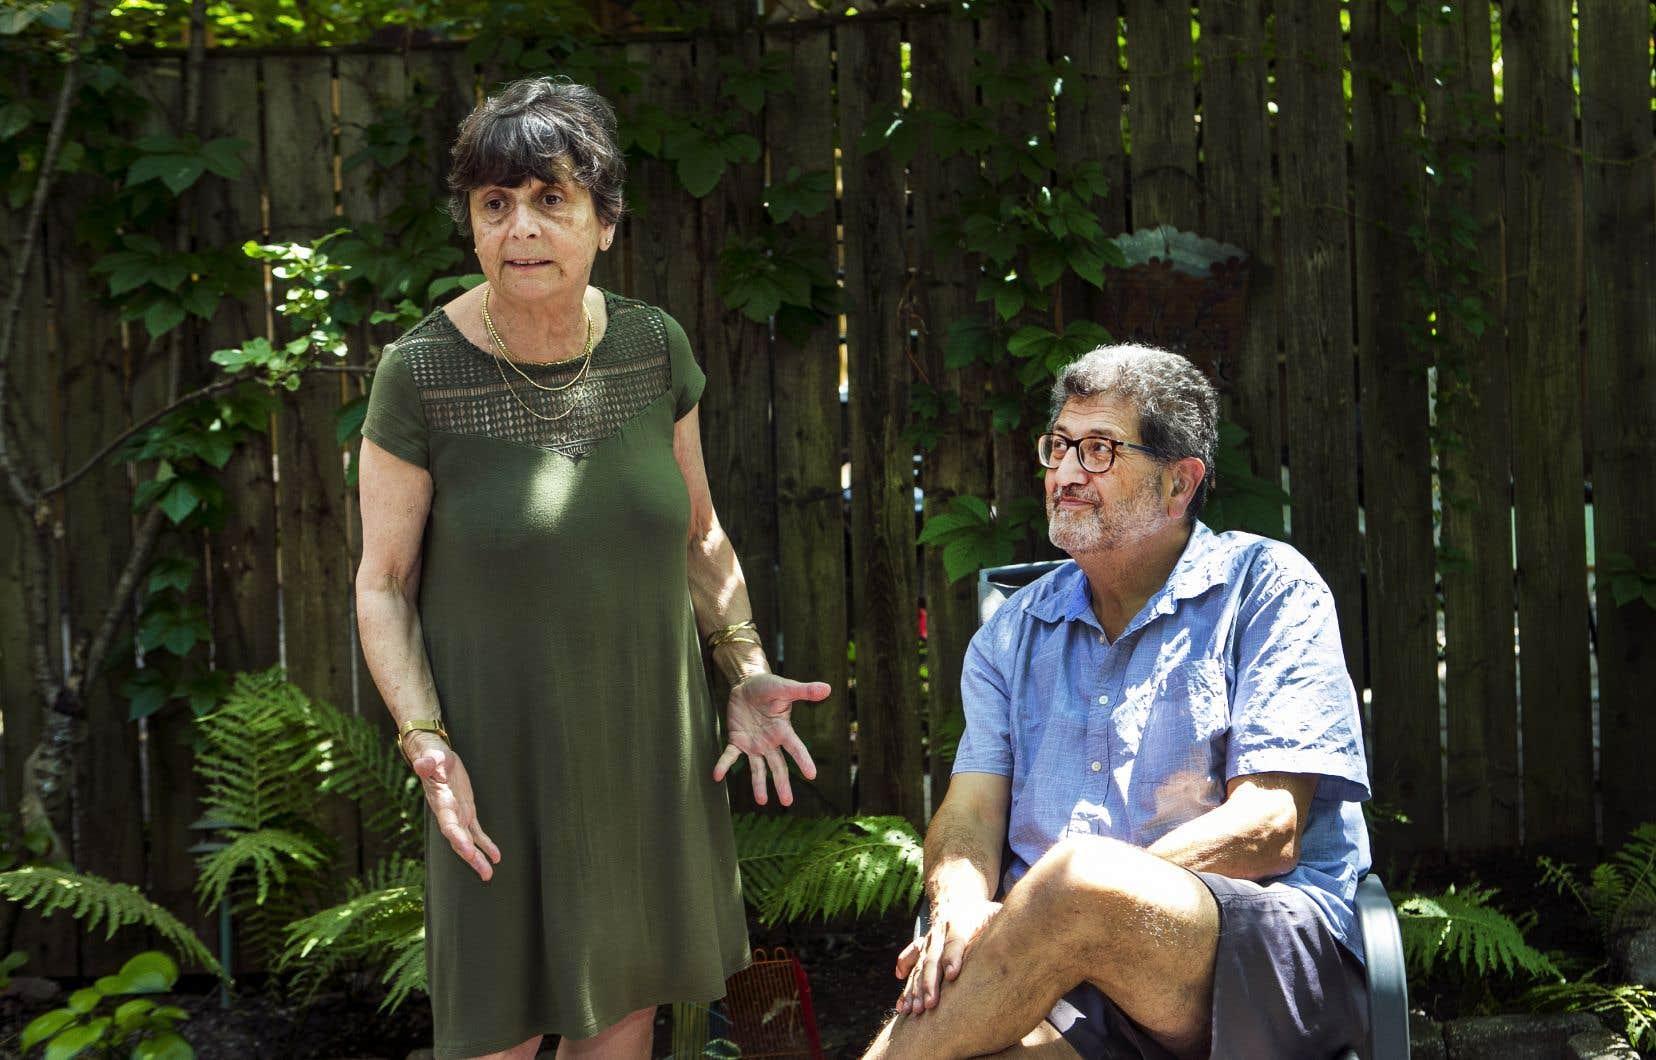 Pierre Naccache, Libanais d'origine, vie au Québec depuis 30 ans. On le voit ici en compagnie de son épouse Lina Farès, dans leur jardin du Plateau-Mont-Royal.